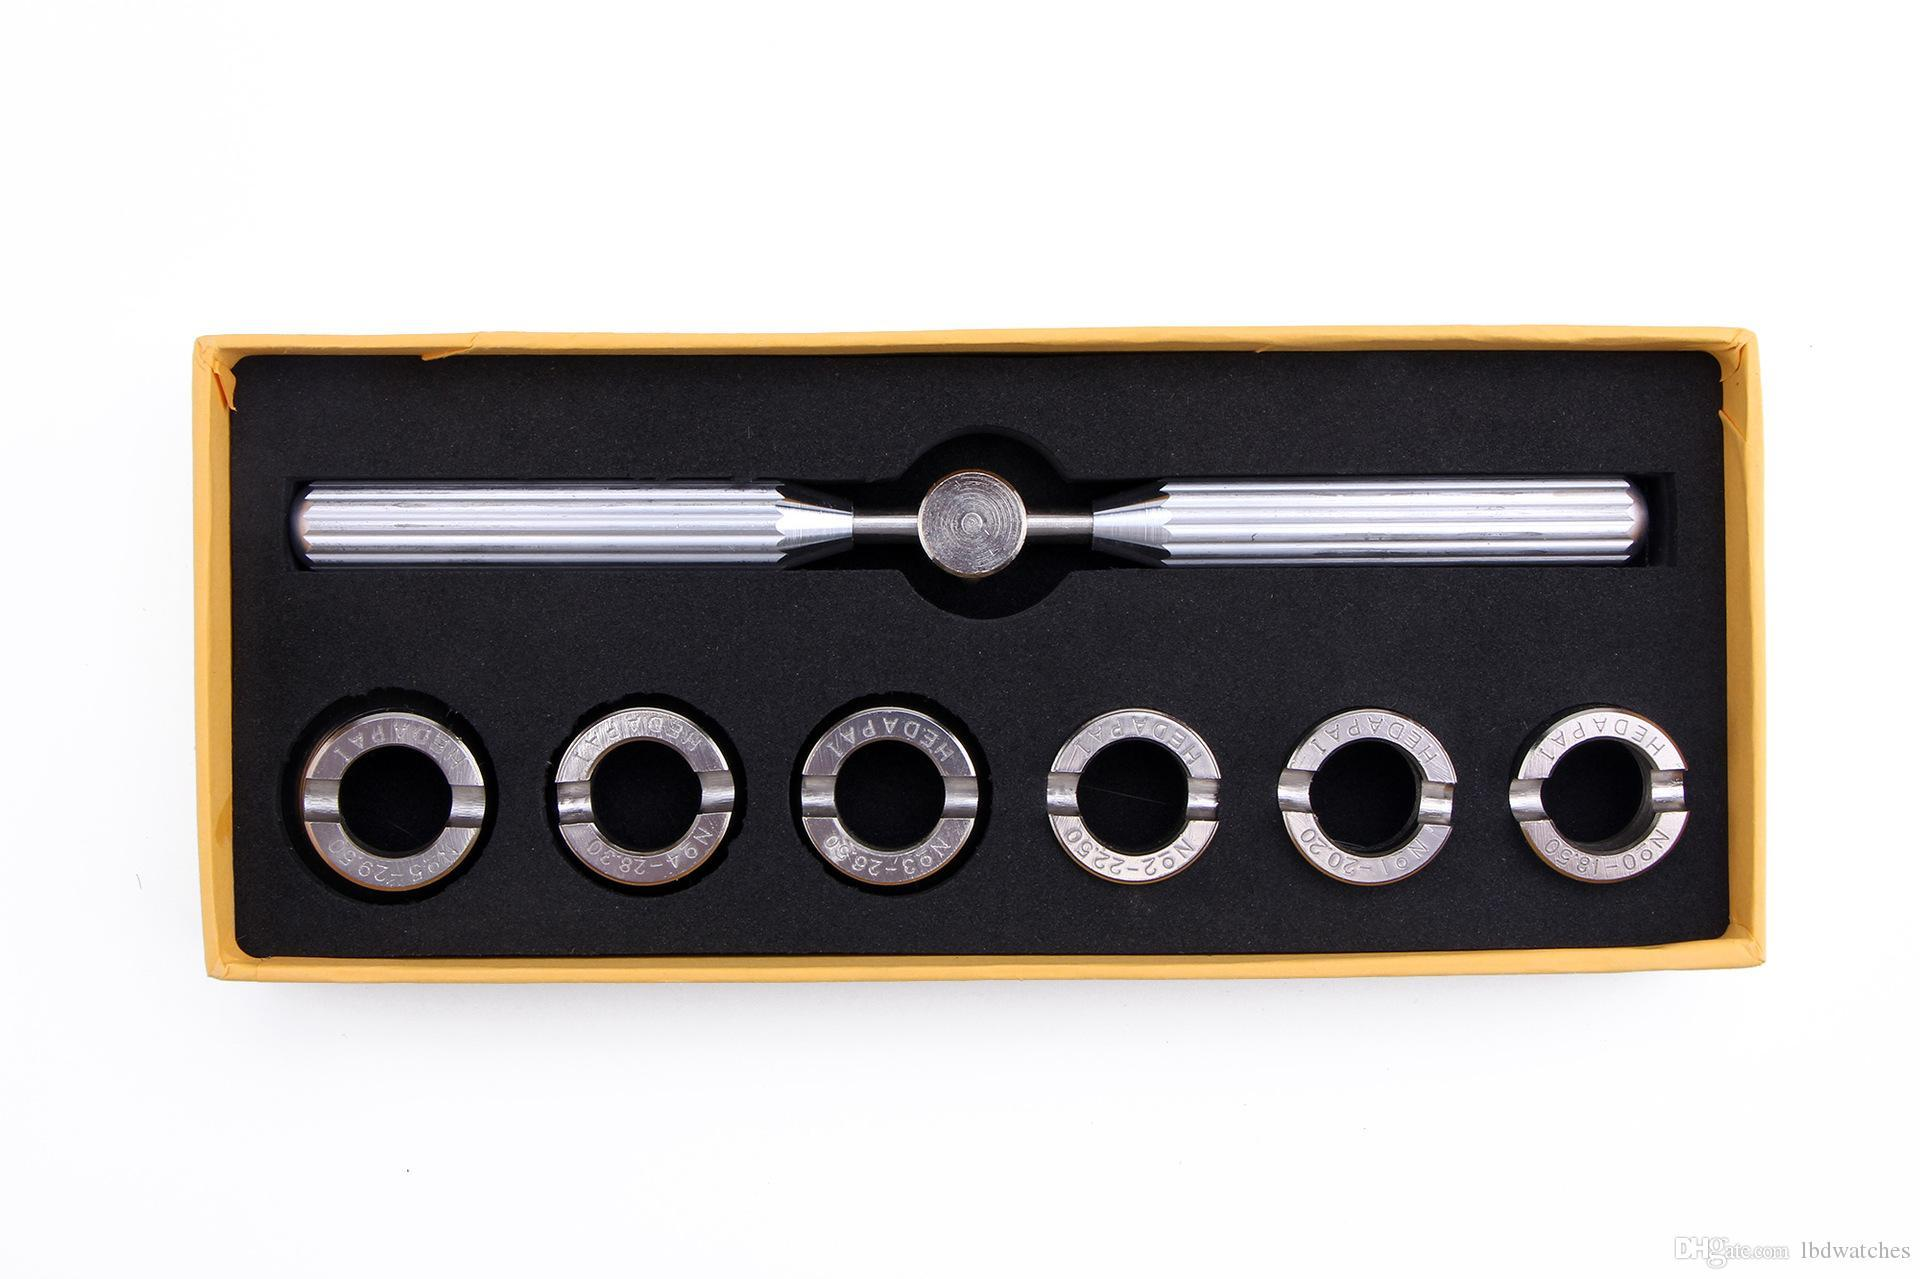 5537 핸들 시계 도구 - RLX (18.5㎜가-또한 29.5mm)에 대한 시계 다시 케이스 오프너 제거 키 무료 배송